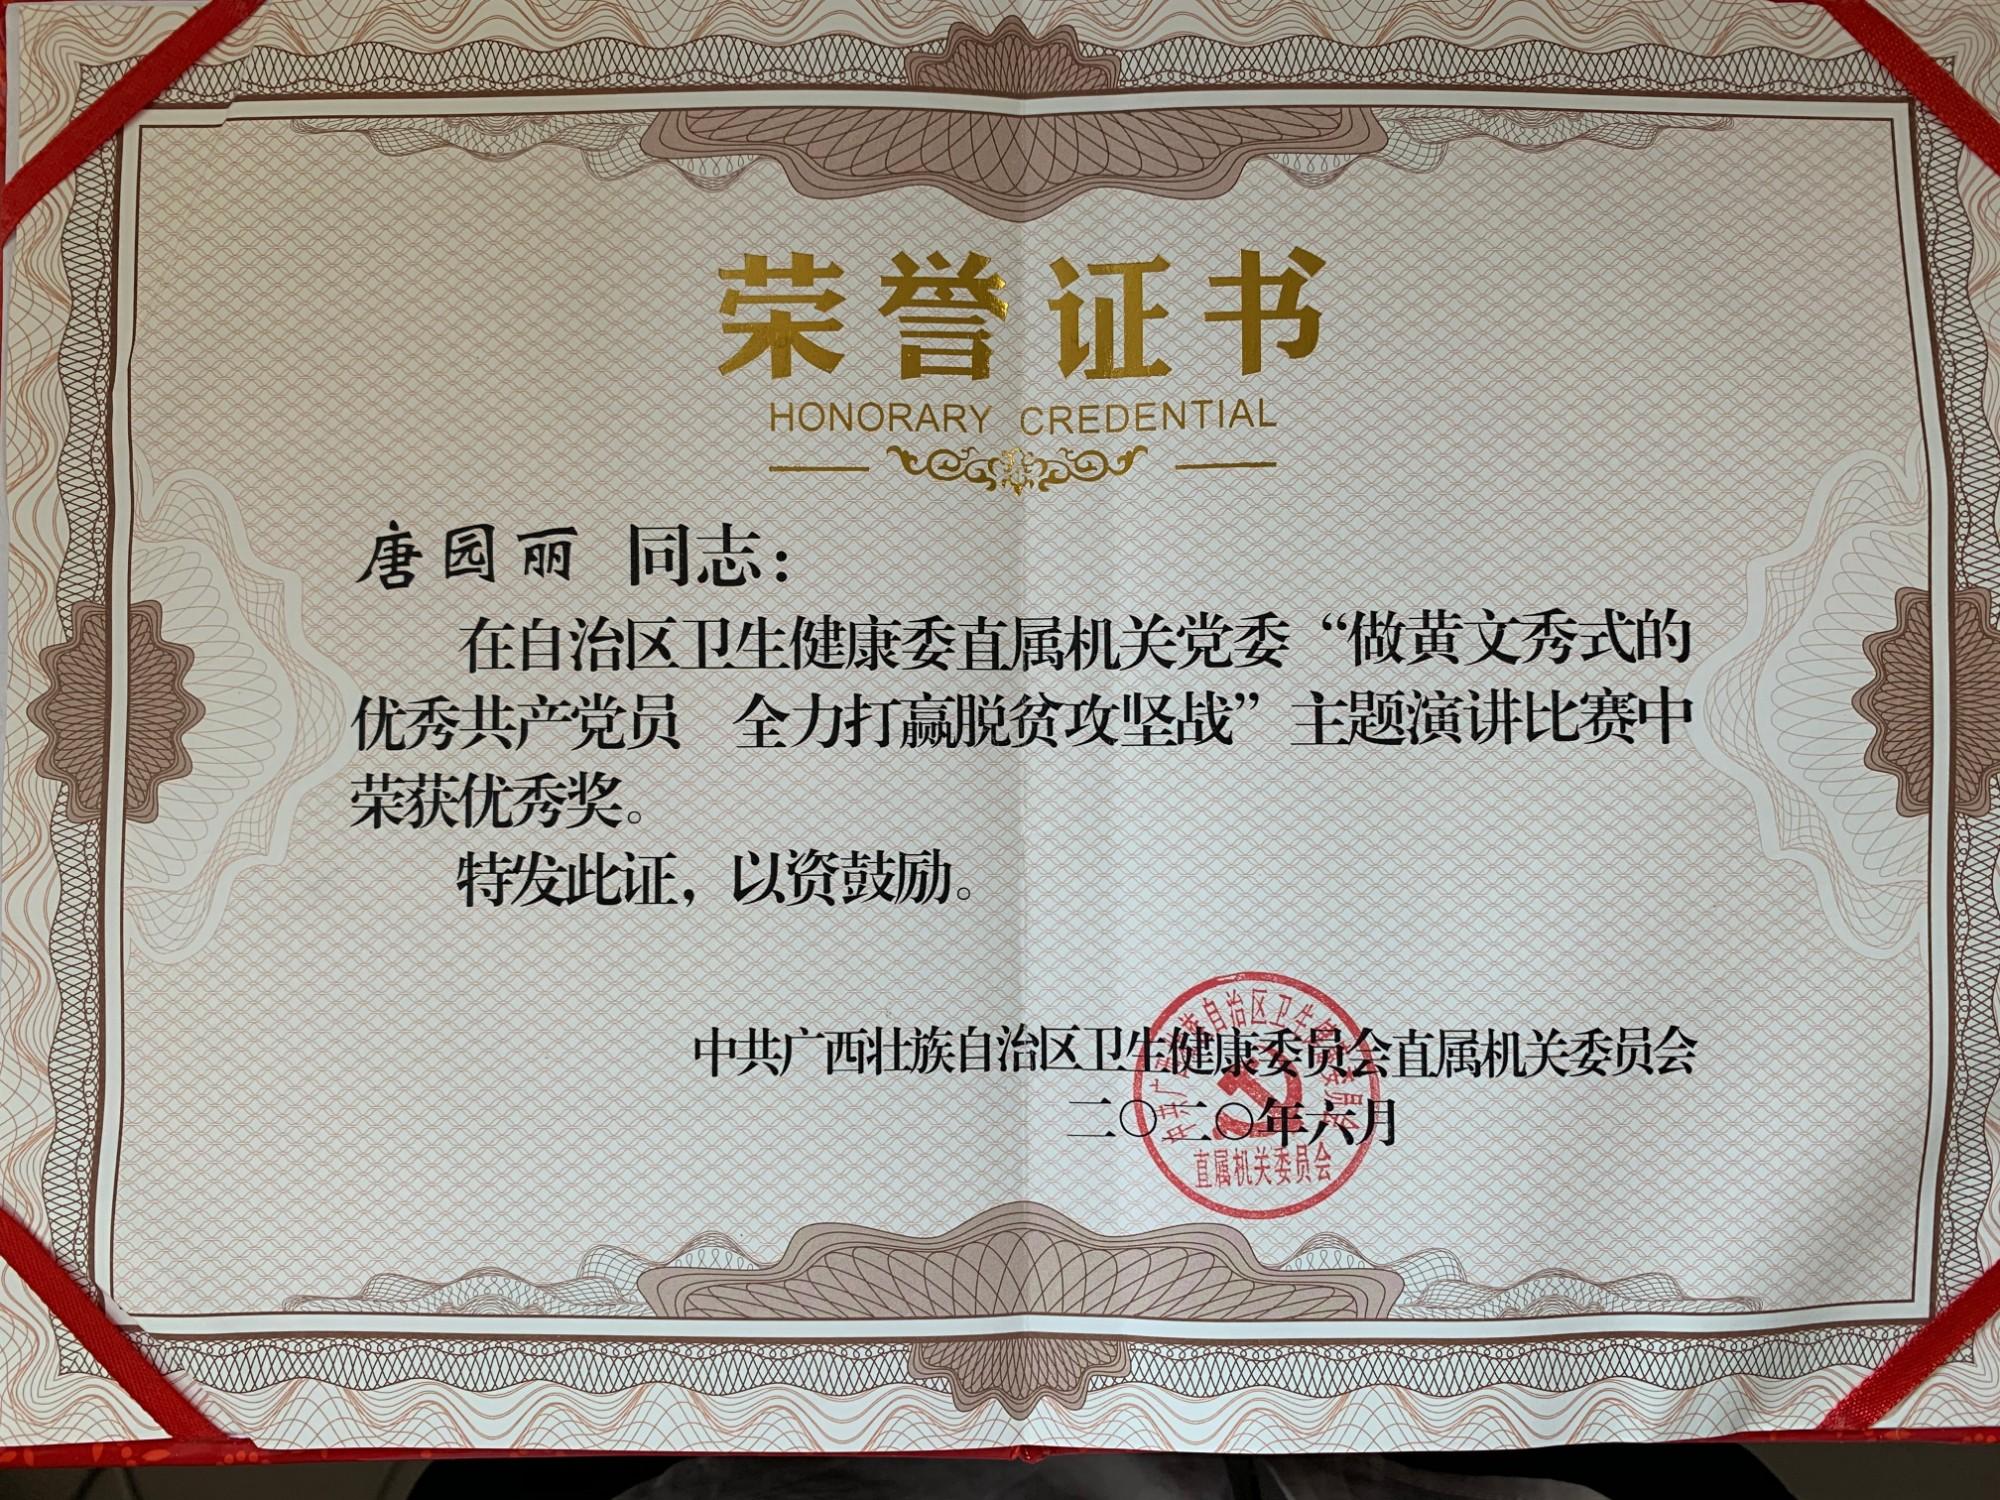 2020年,唐园丽同志在主题演讲比赛中荣获优秀奖